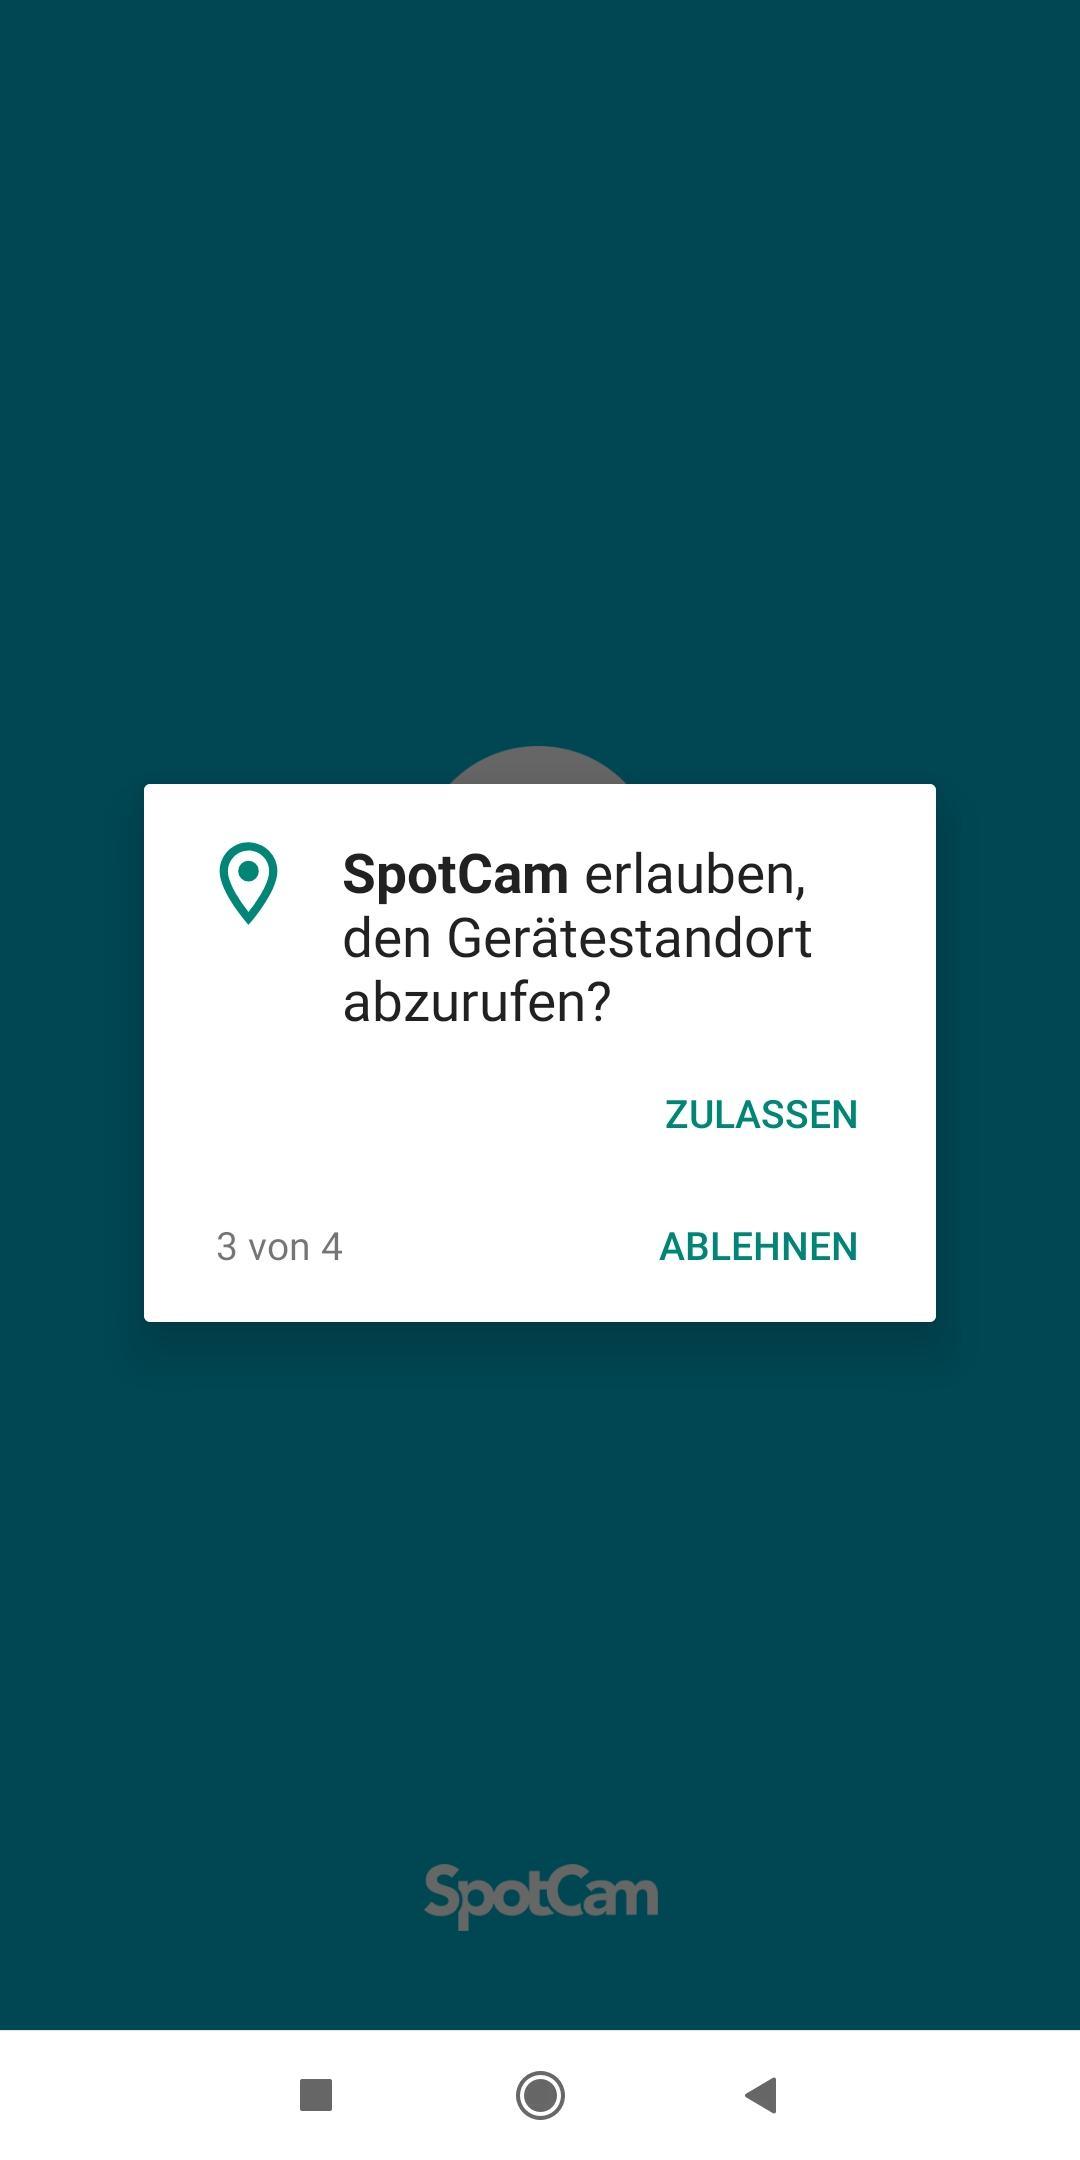 Screenshot_2021-08-08-19-46-46-398_com.google.android.packageinstaller.jpg